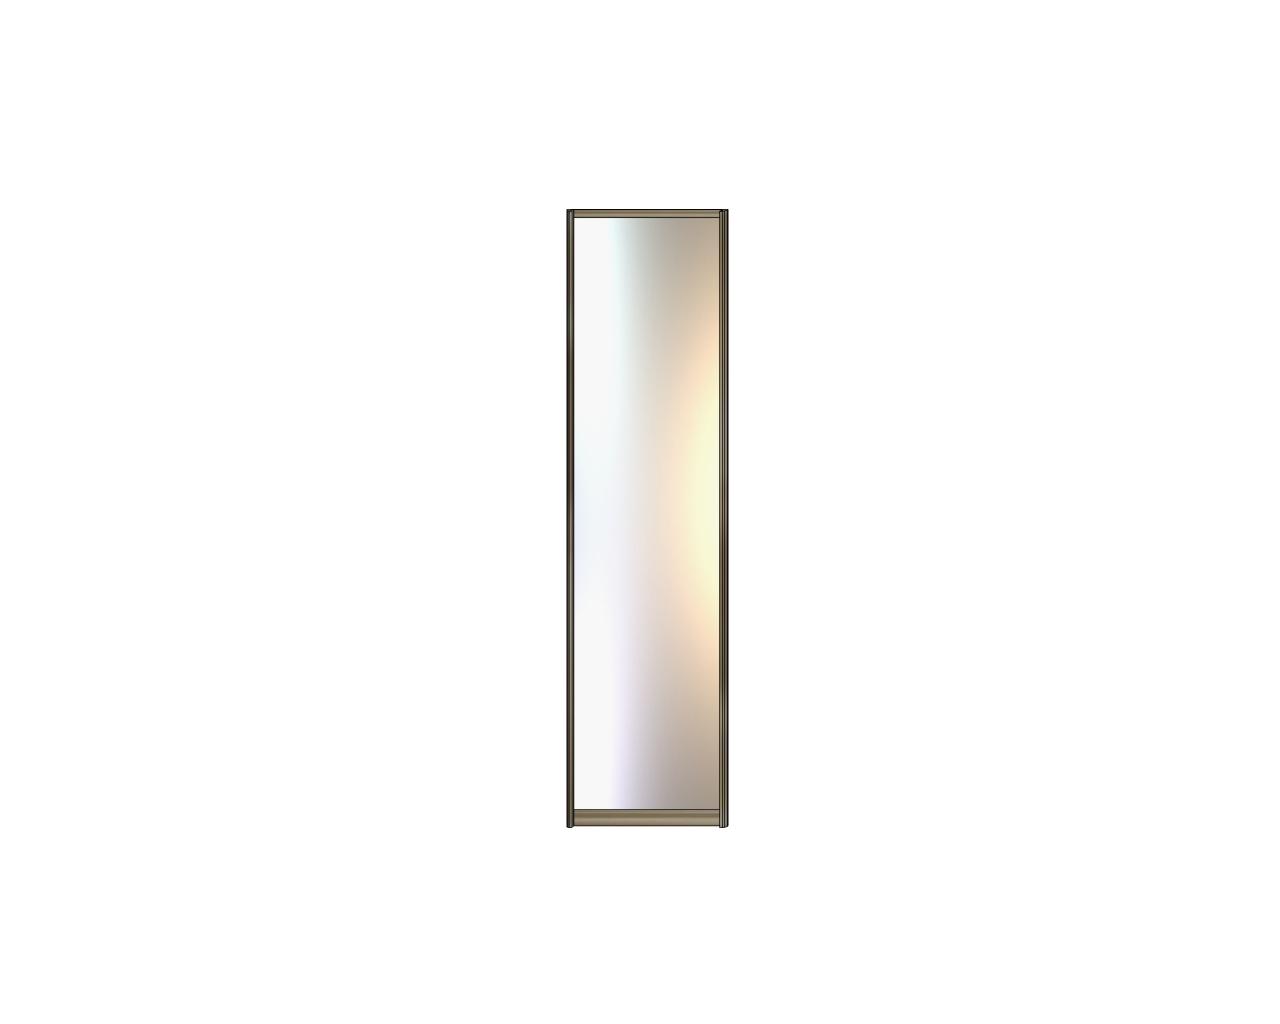 Модель 11 Зеркало серебро 550 мм